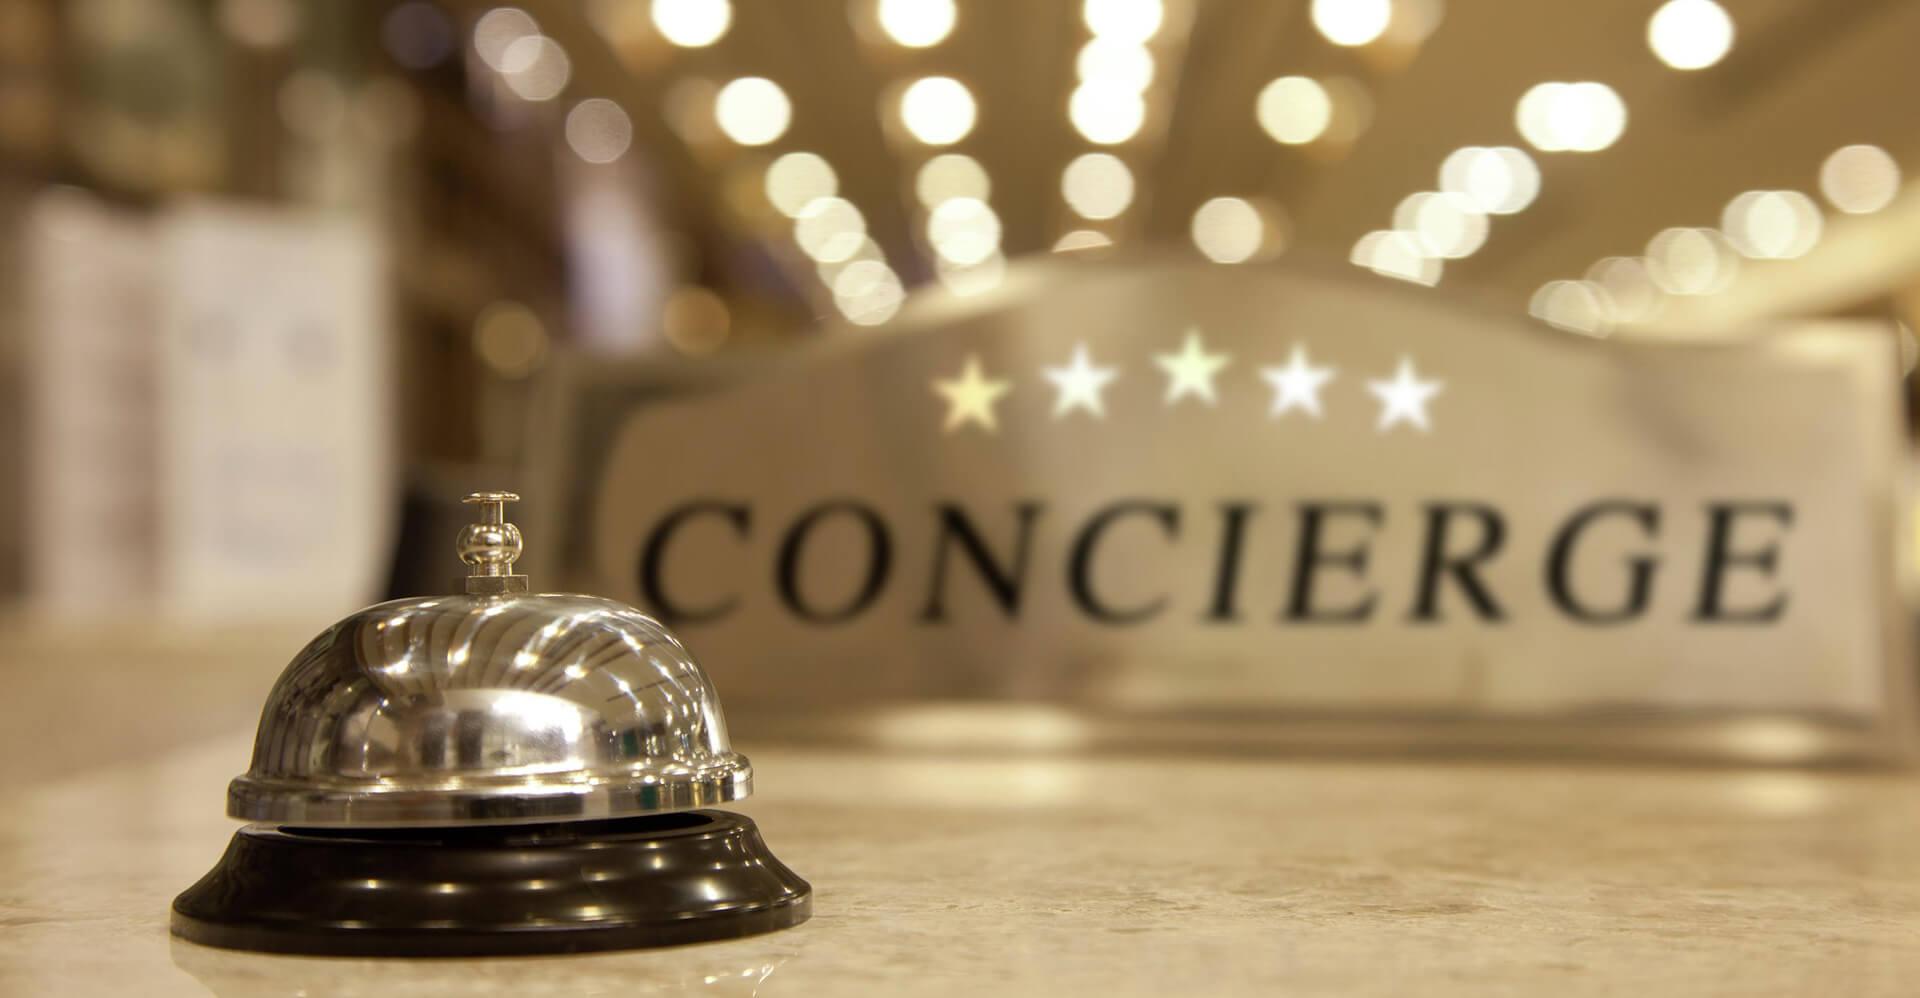 MN Concierge - Русскоязычный консьерж-сервис